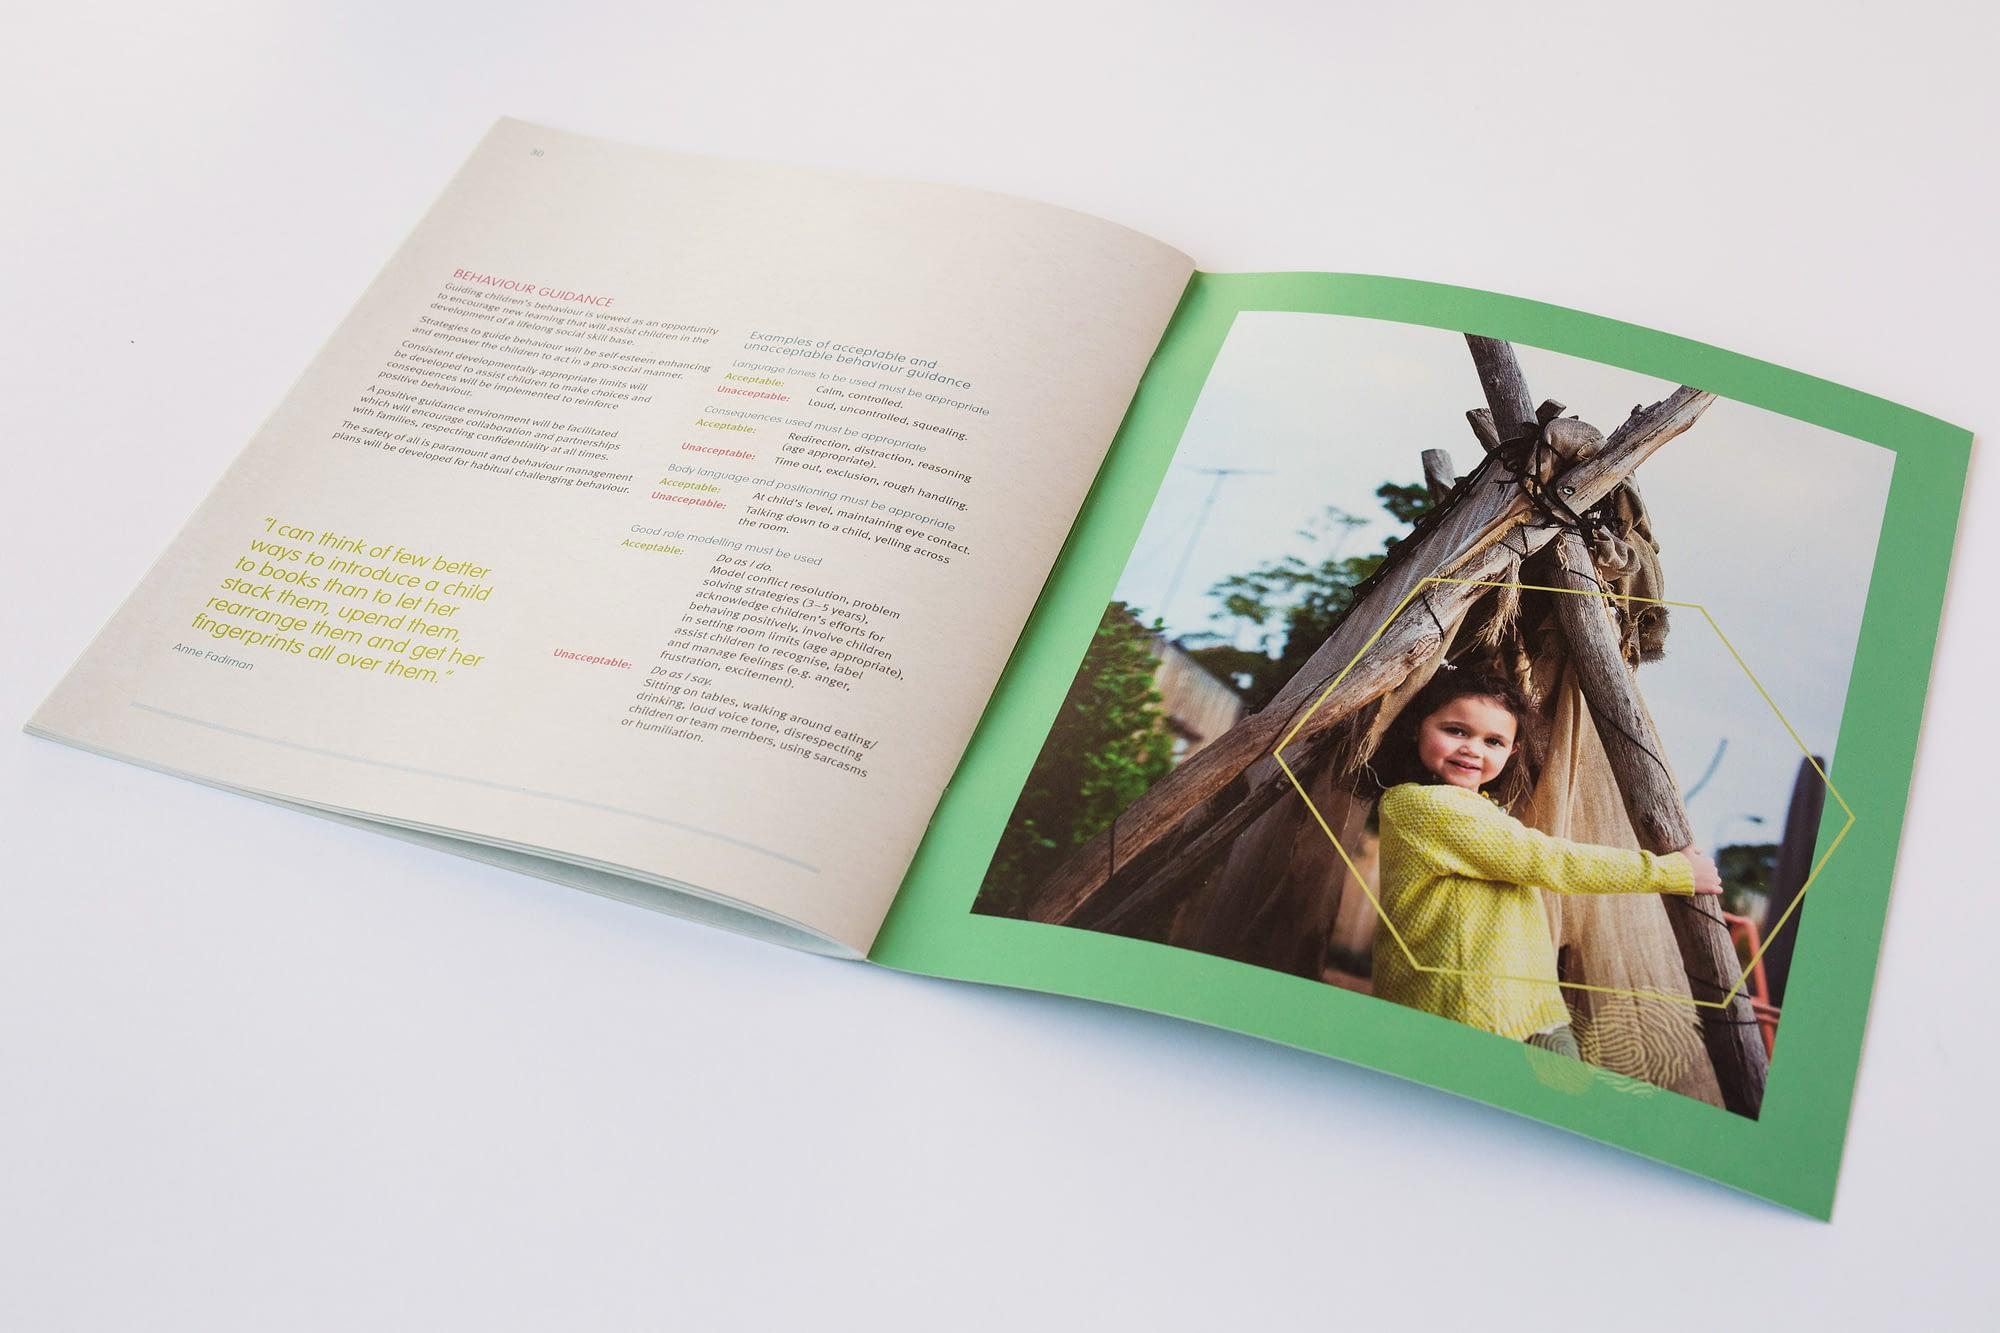 Elements Handbook inside back cover